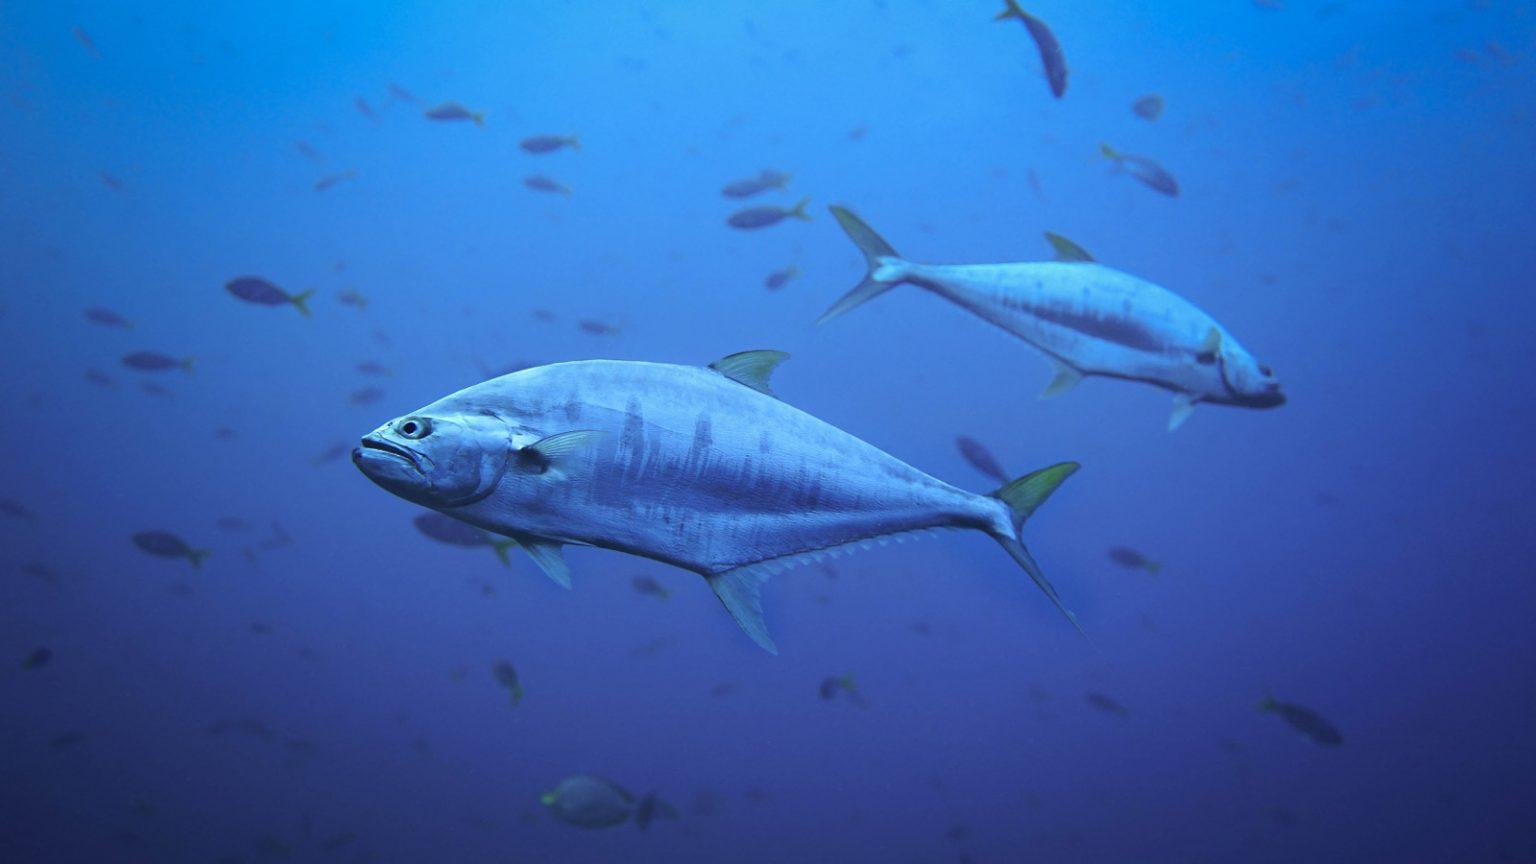 lườn cá đại dương thường hằn rõ